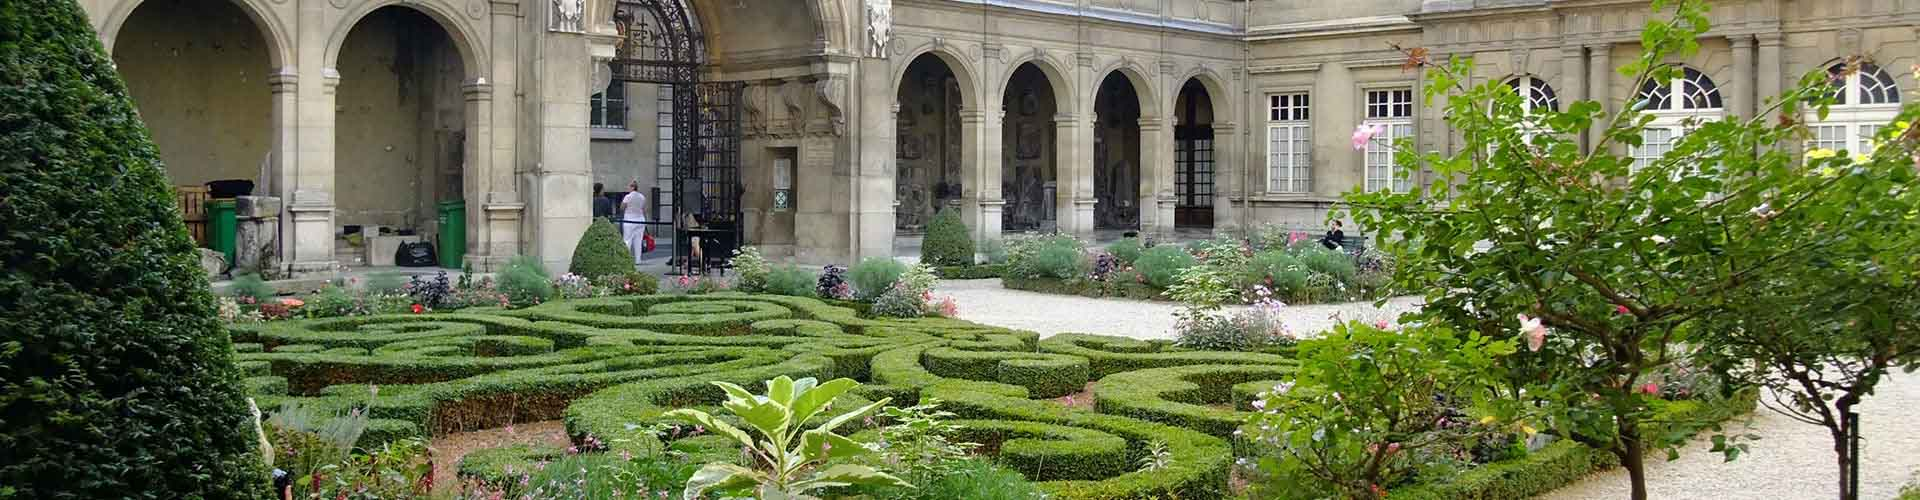 Paris – Albergues próximos a Museu Carnavalet. Mapas para Paris, Fotos e Avaliações para cada Albergue em Paris.